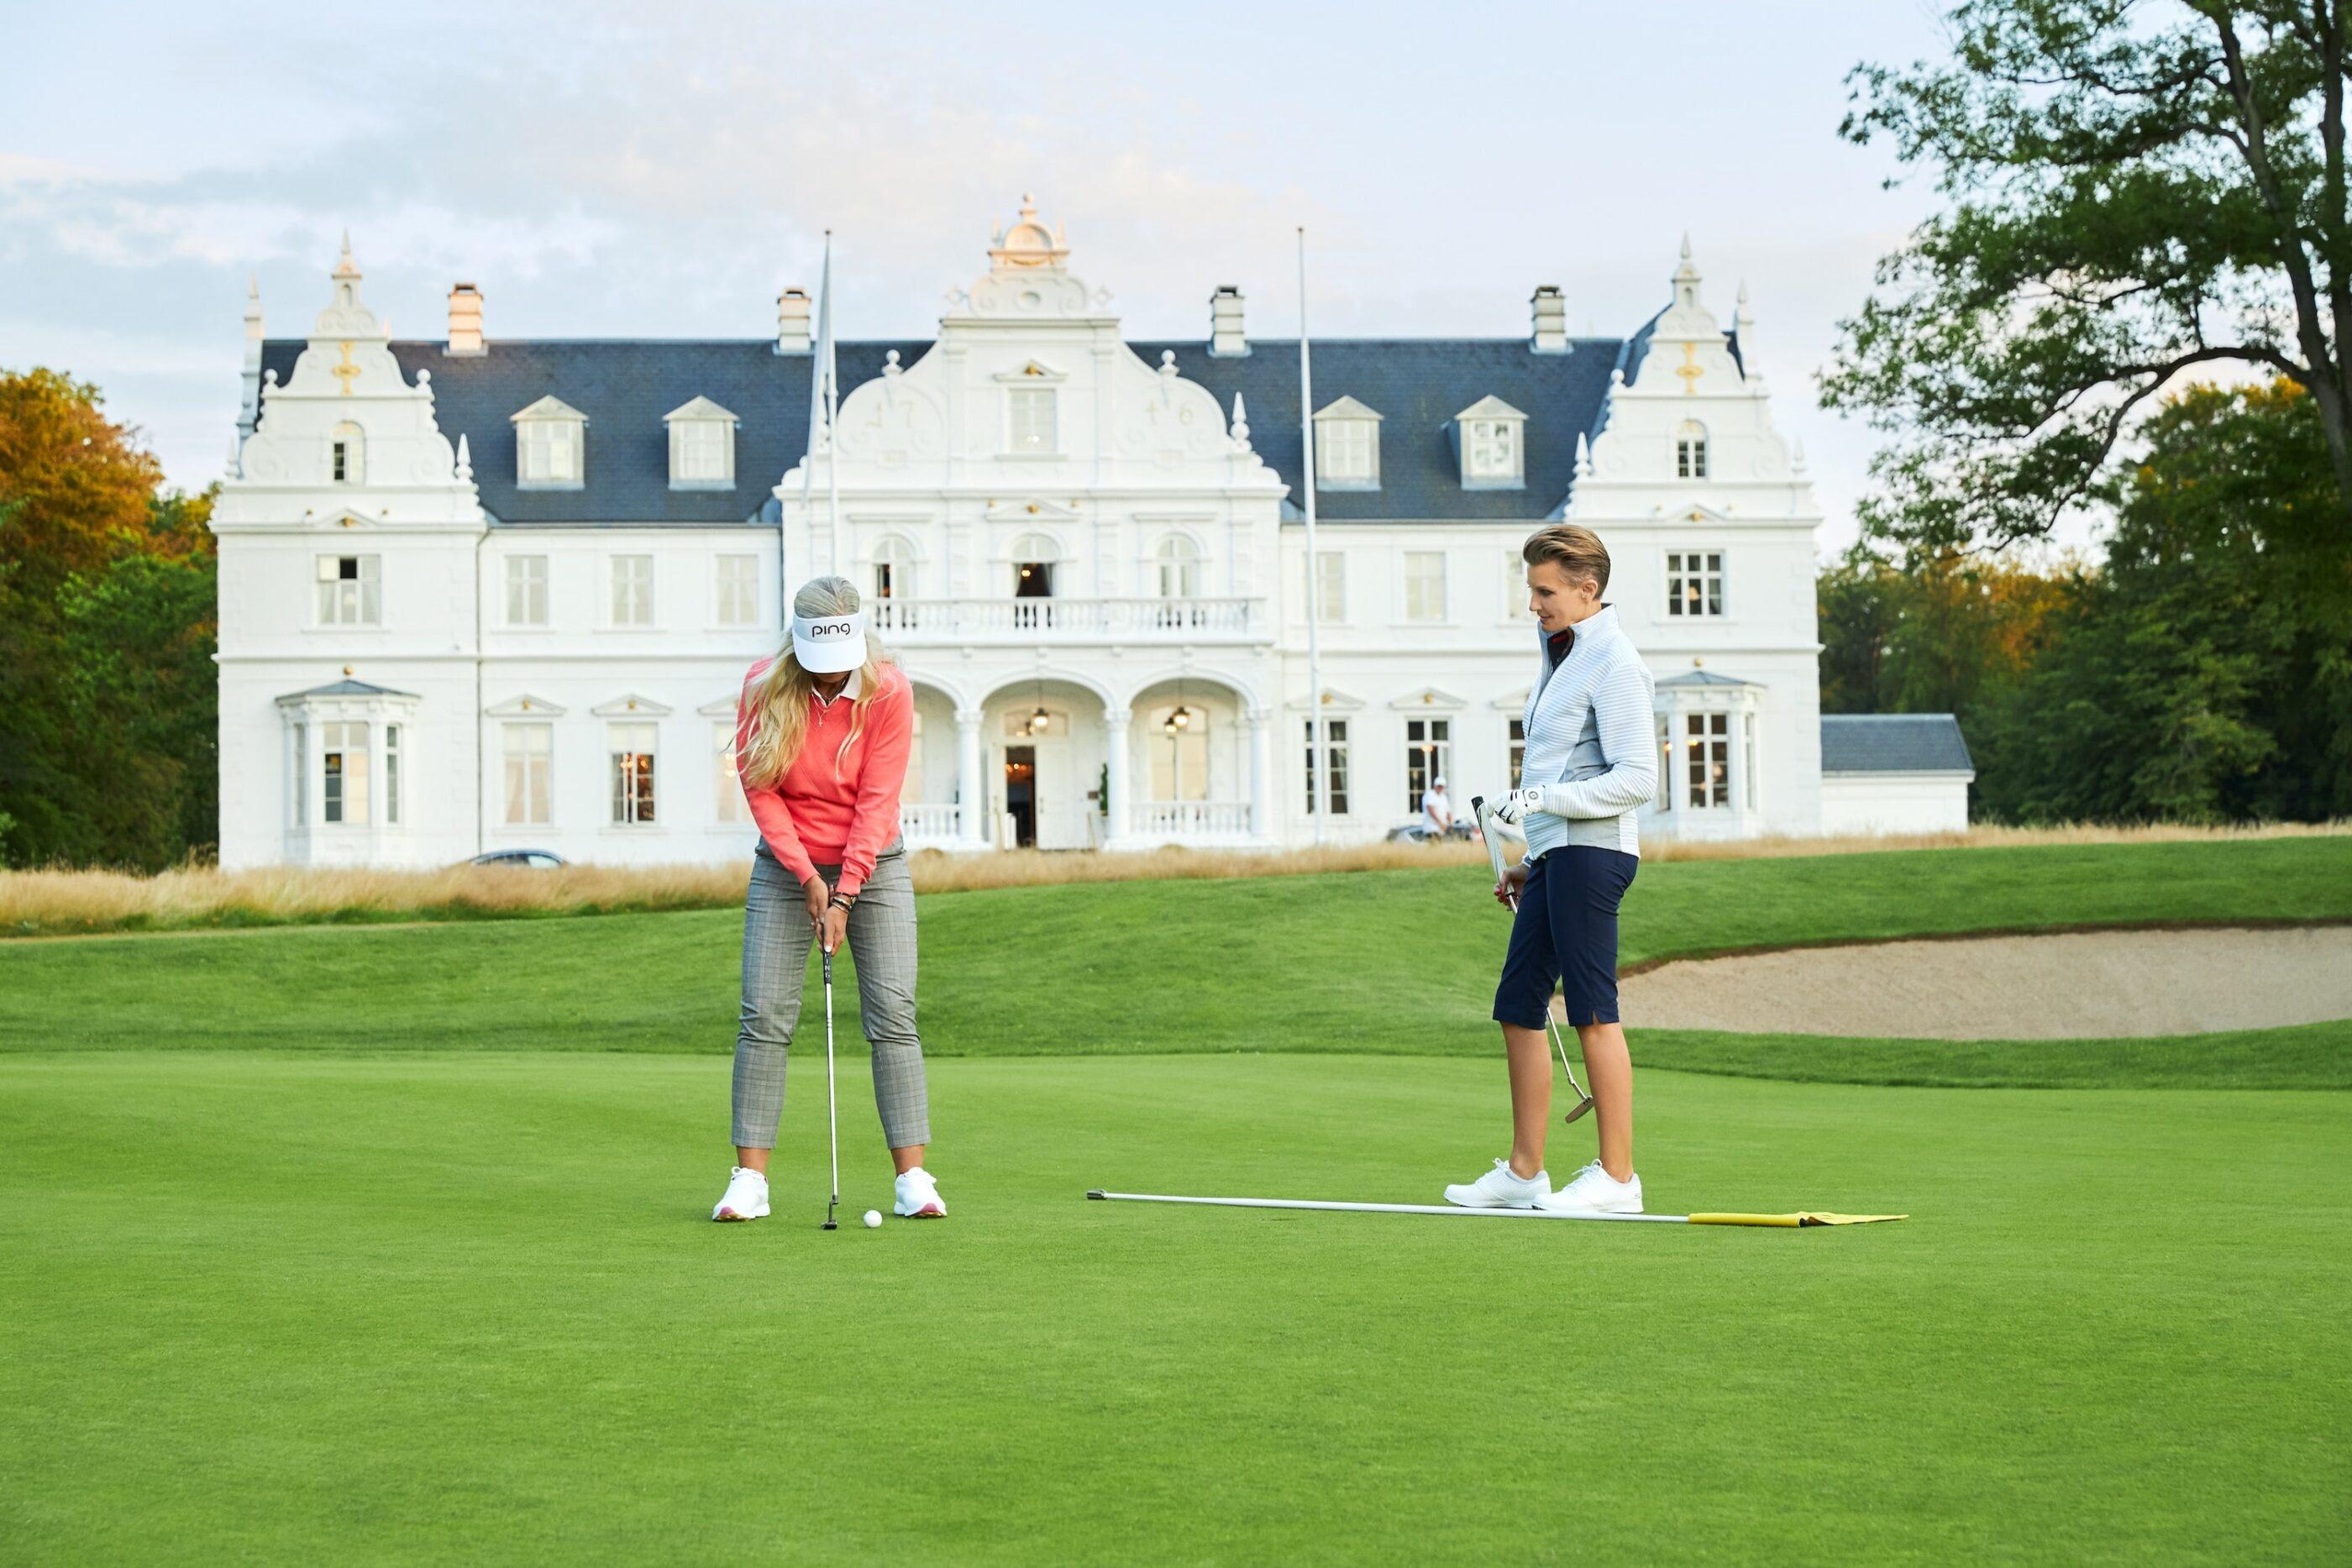 En mand og en kvinde iført golf tøj står på golfbanen med hotellet i baggrunden og kvinden skal til at slå til en golfboldt med sin kølle